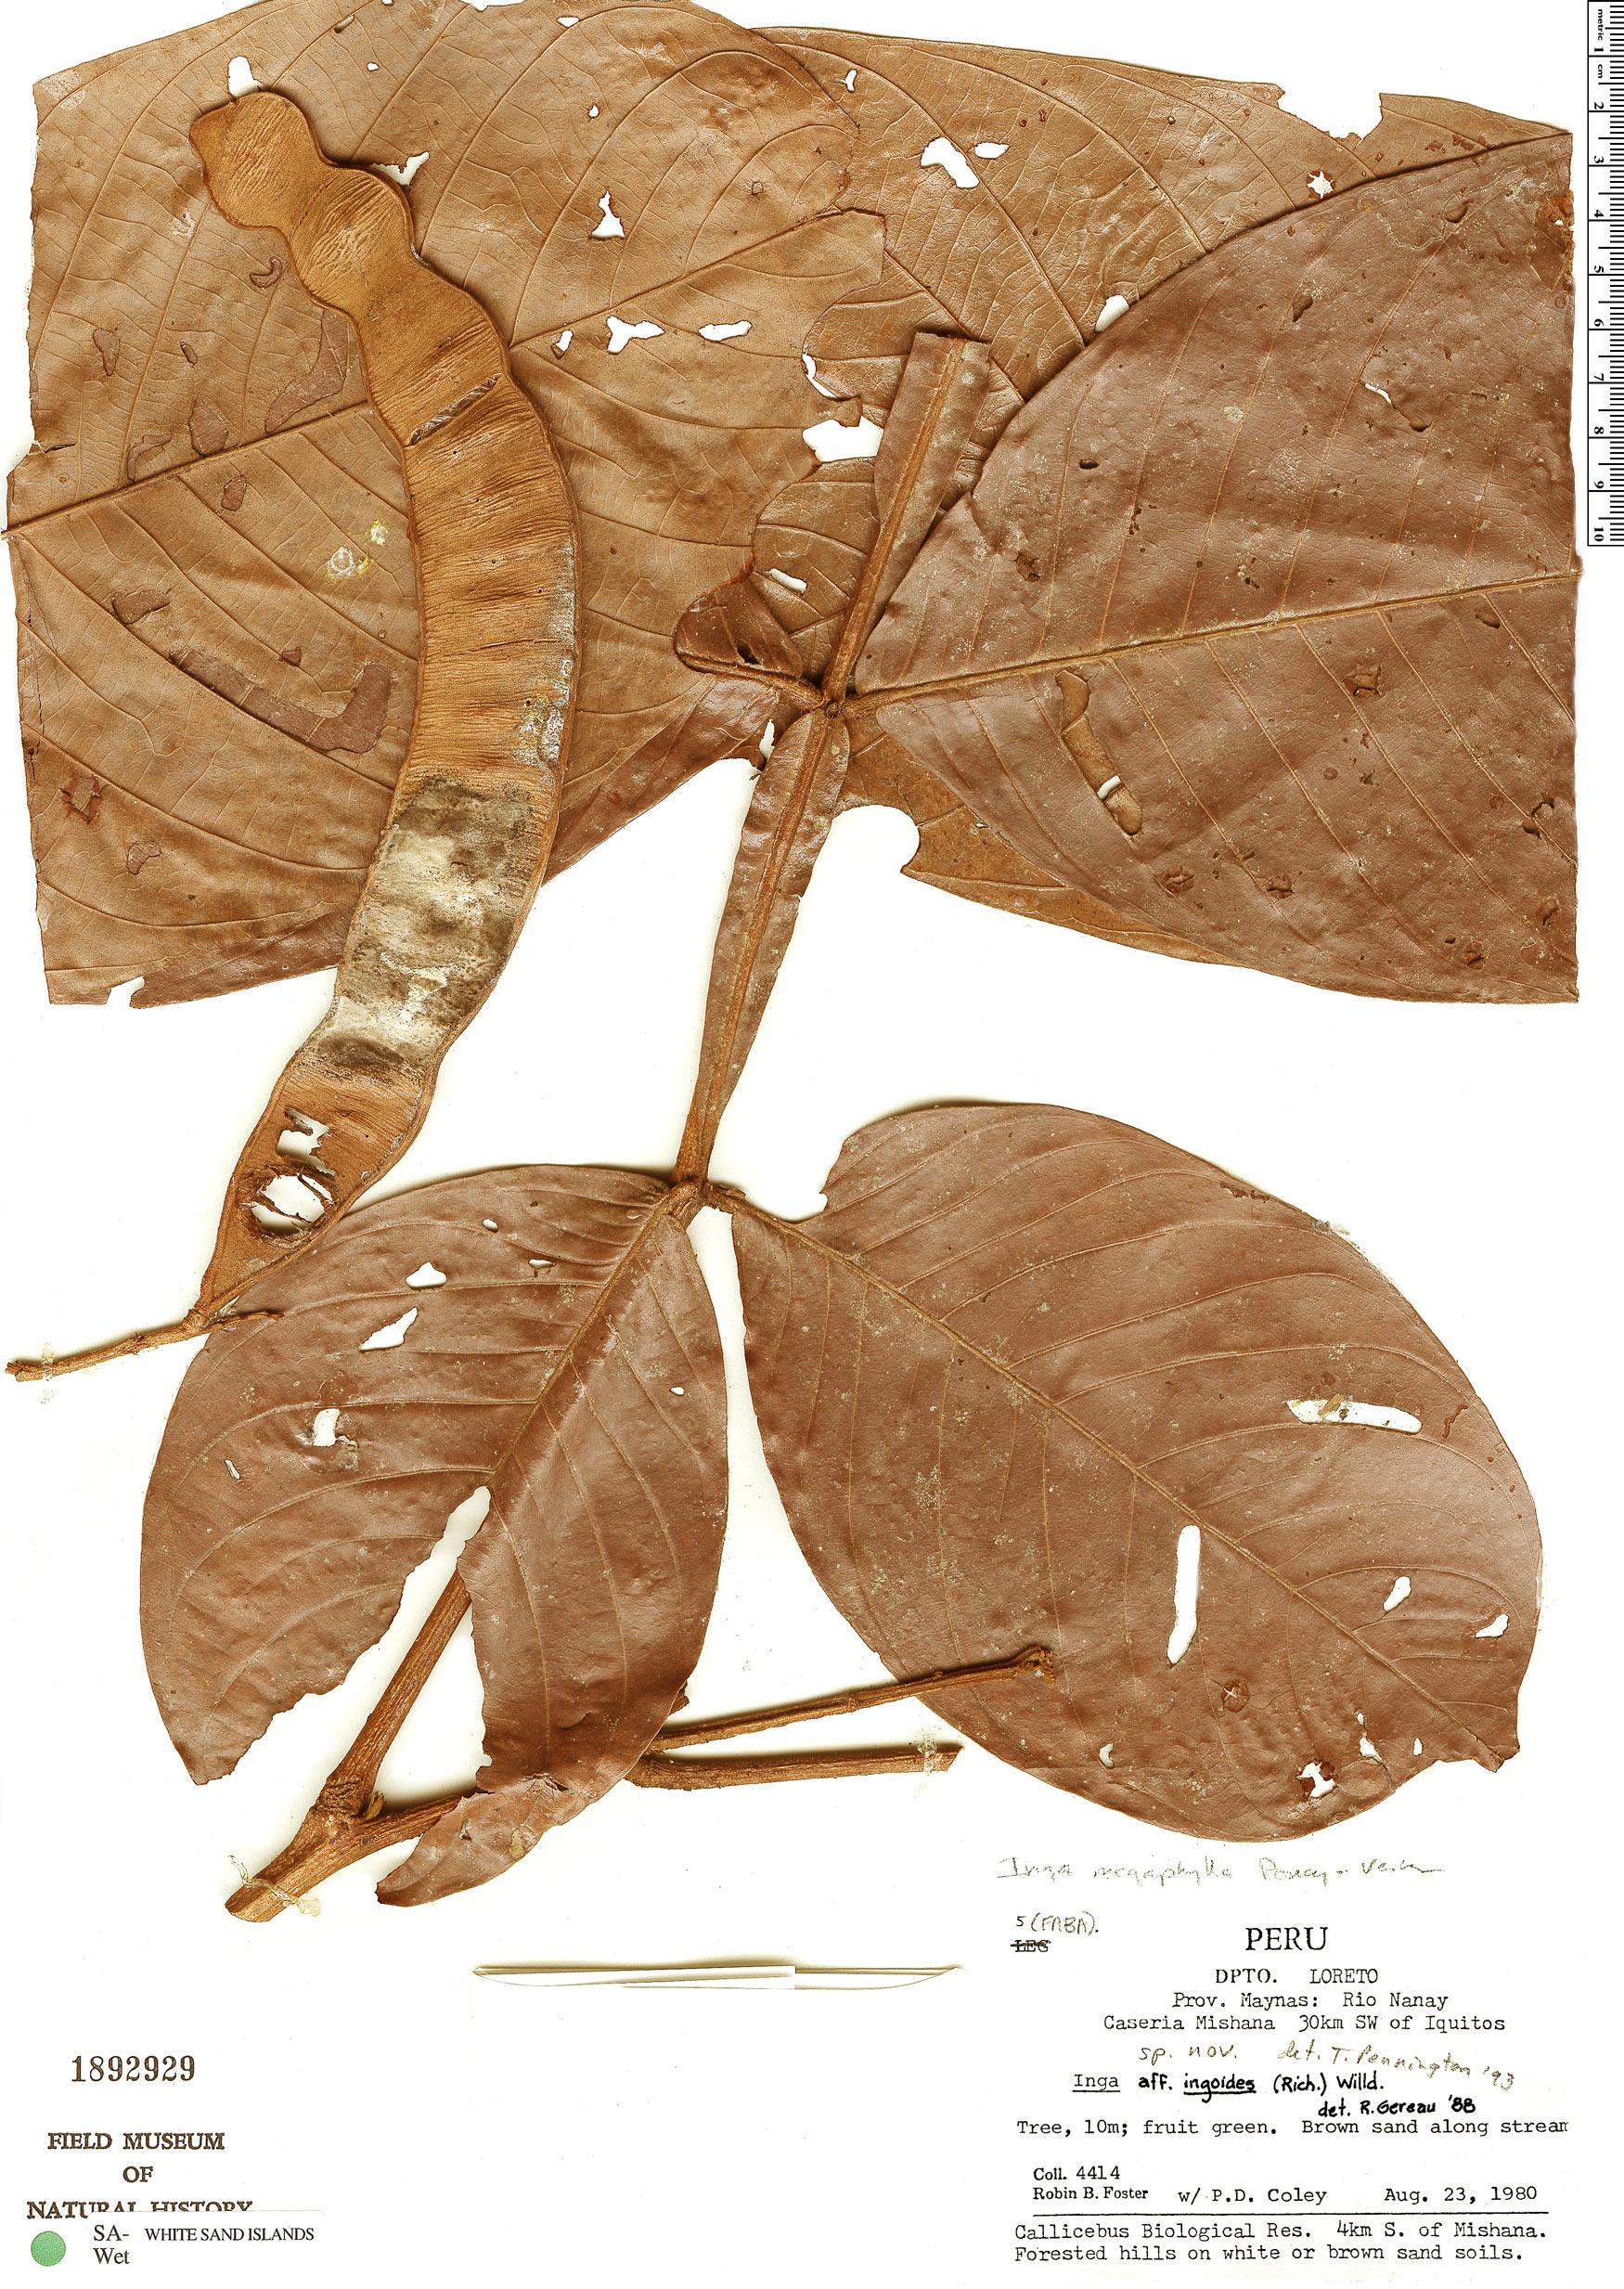 Specimen: Inga megaphylla